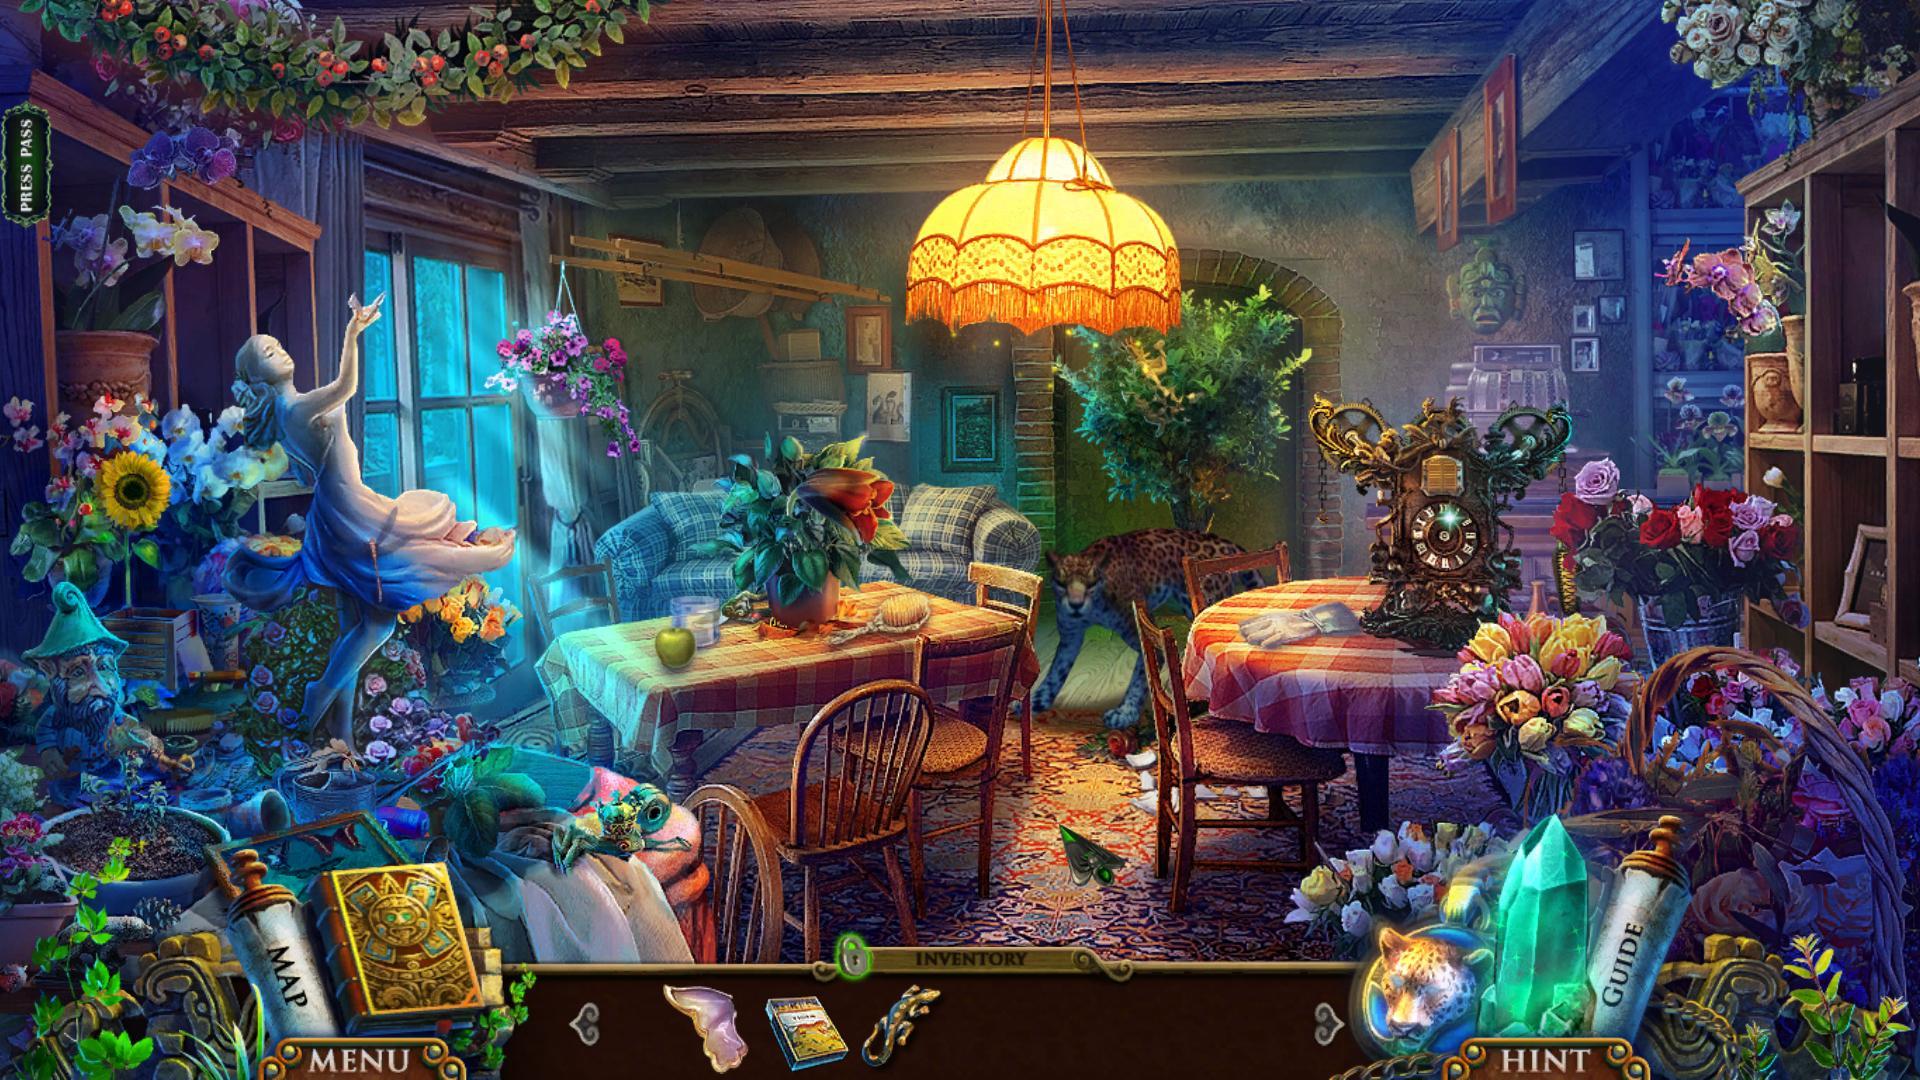 http://fs5.directupload.net/images/170108/gjr8mgas.jpg